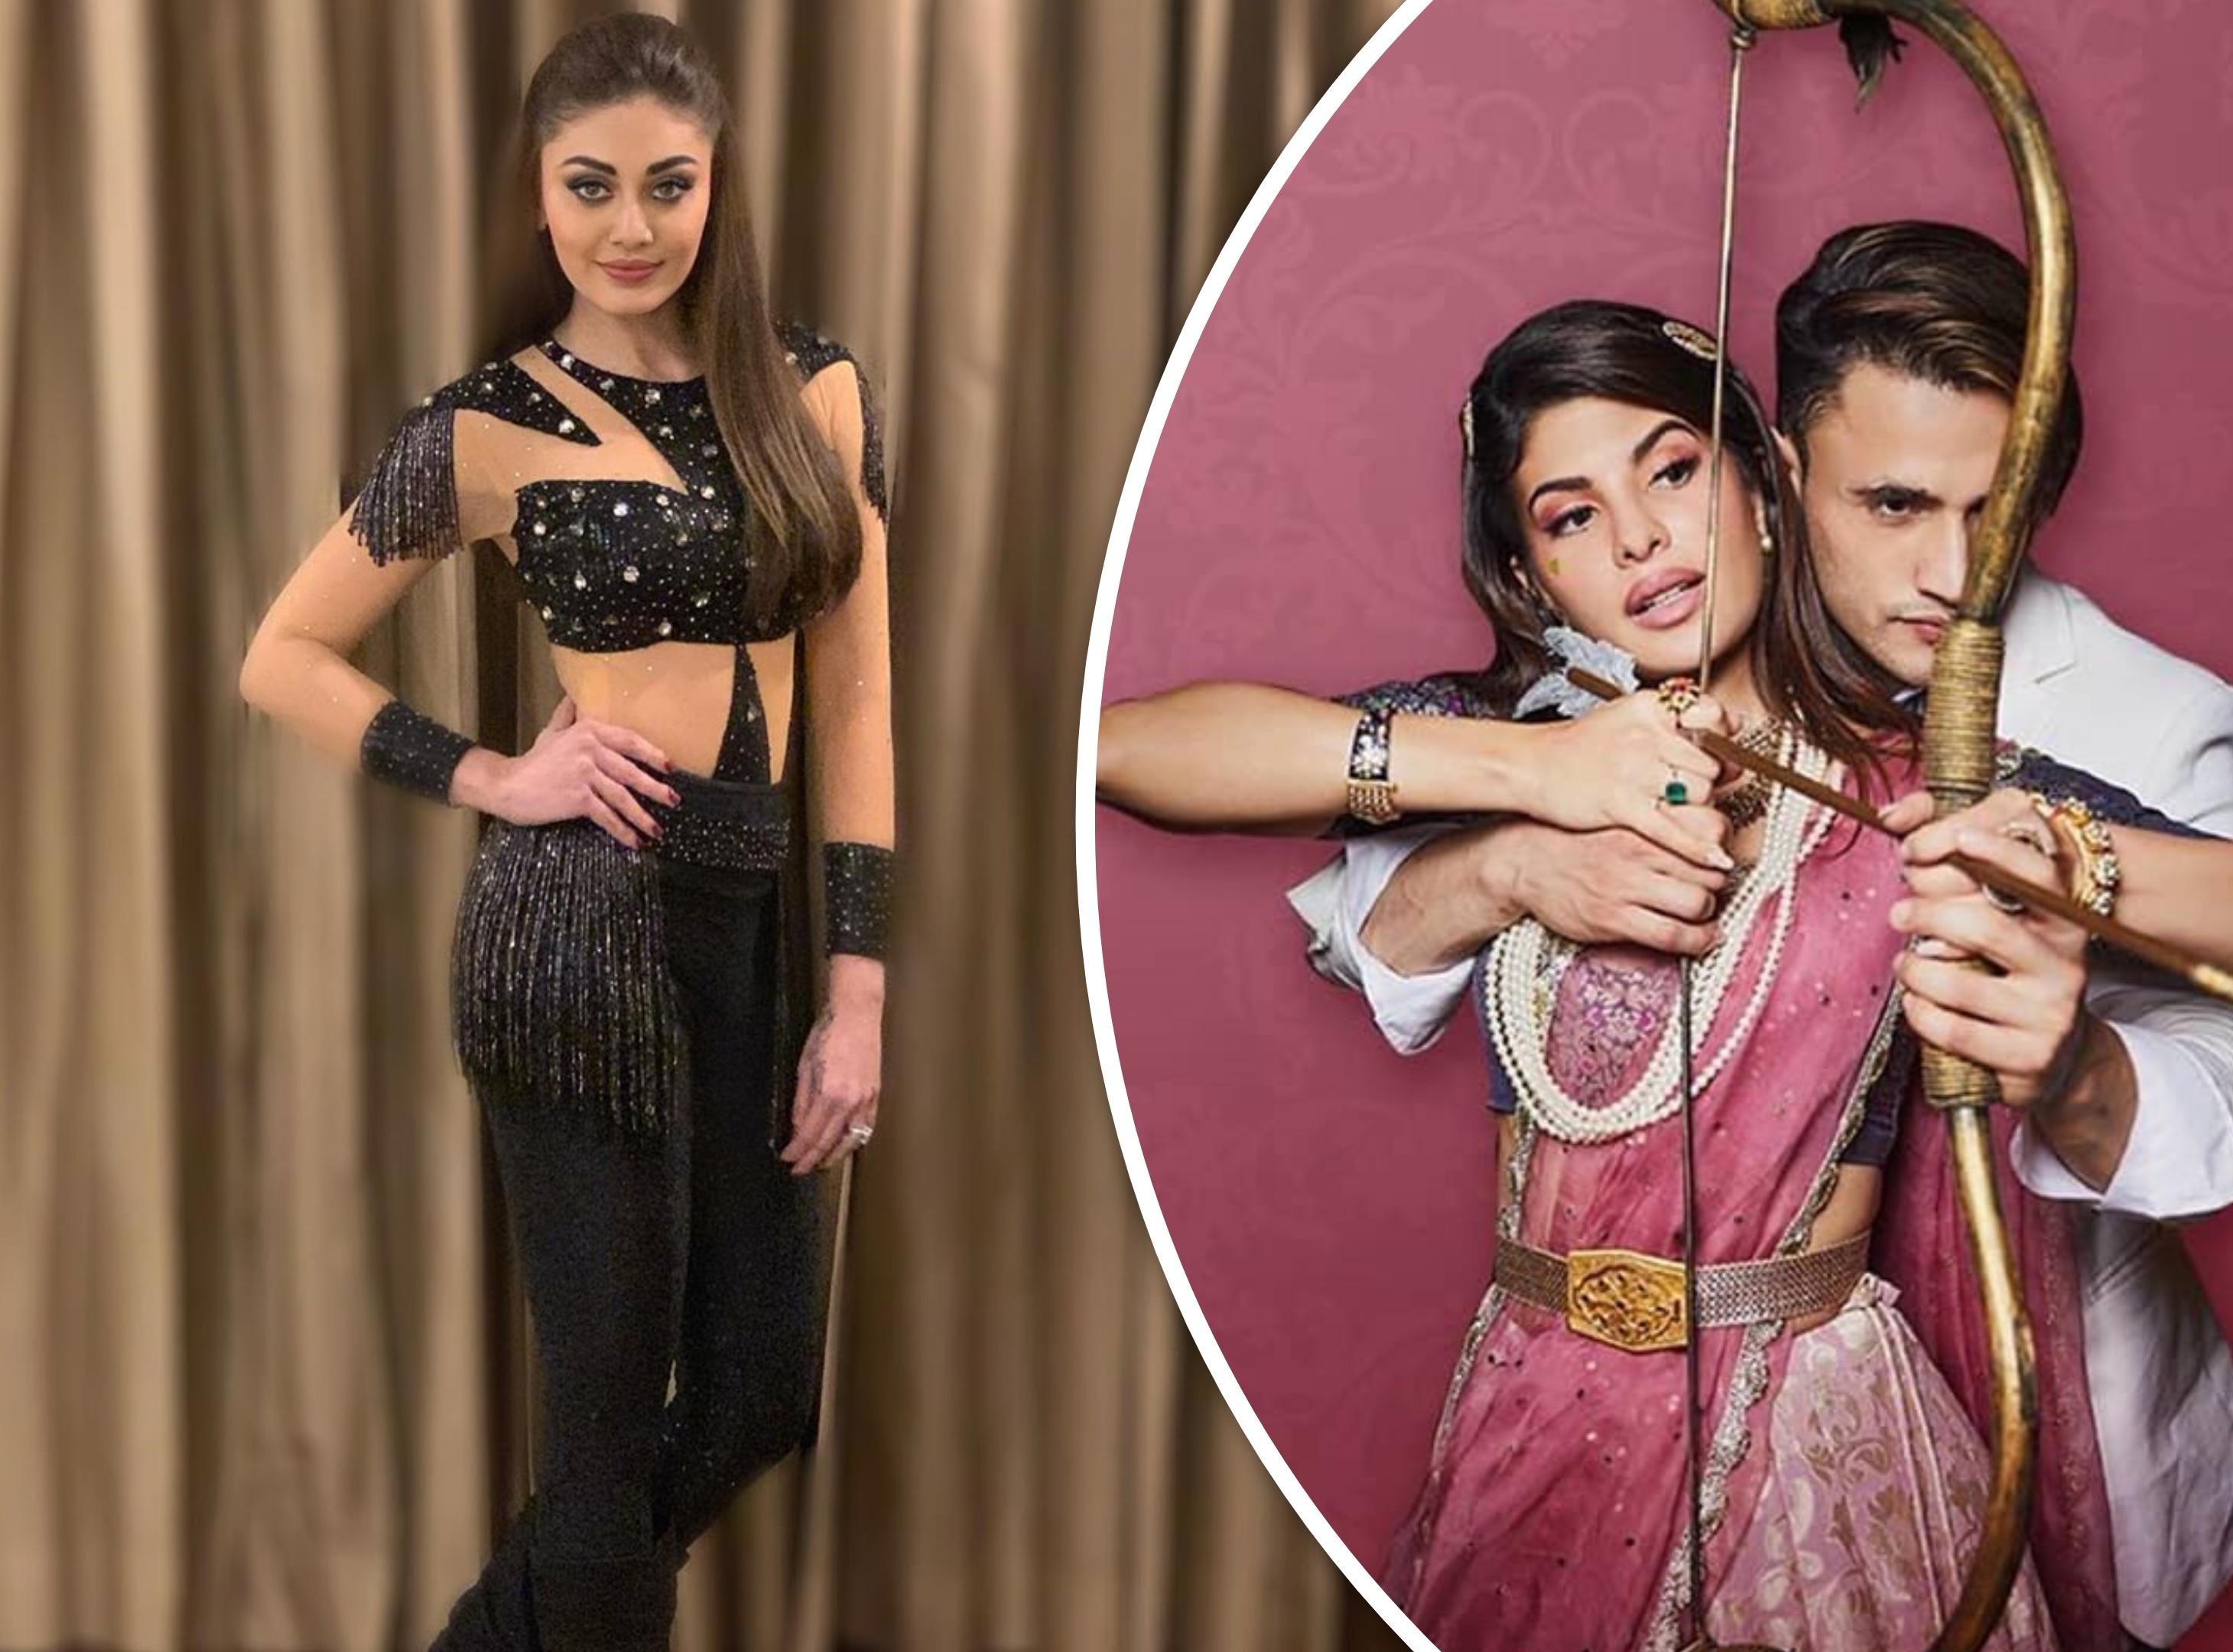 शेफाली जरीवाला की टिक-टॉक में धमाकेदार एंट्री, 'कांटा लगा' स्टाइल में किया 'मेरे अंगने में' गाने पर डांस टीवी,TV - Dainik Bhaskar